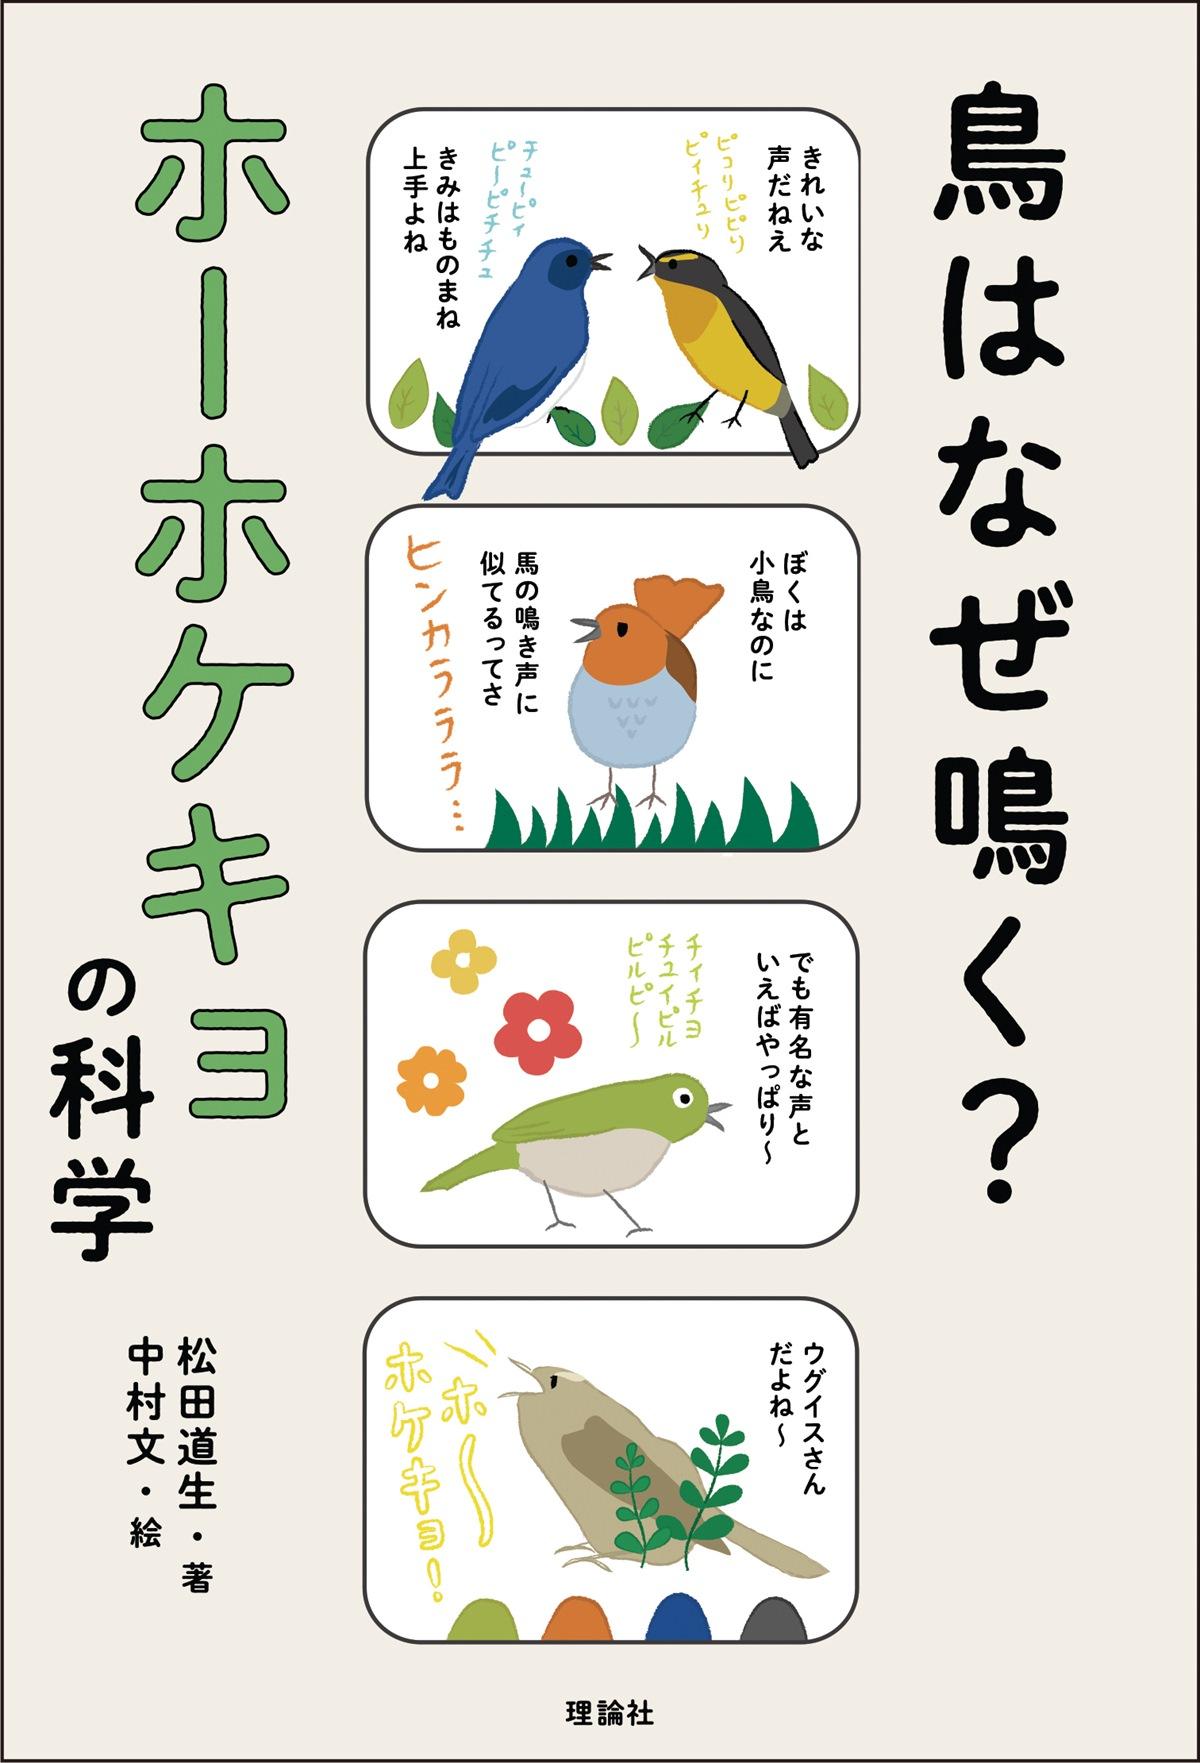 鳥はなぜ鳴く? -ホーホケキョの科学-